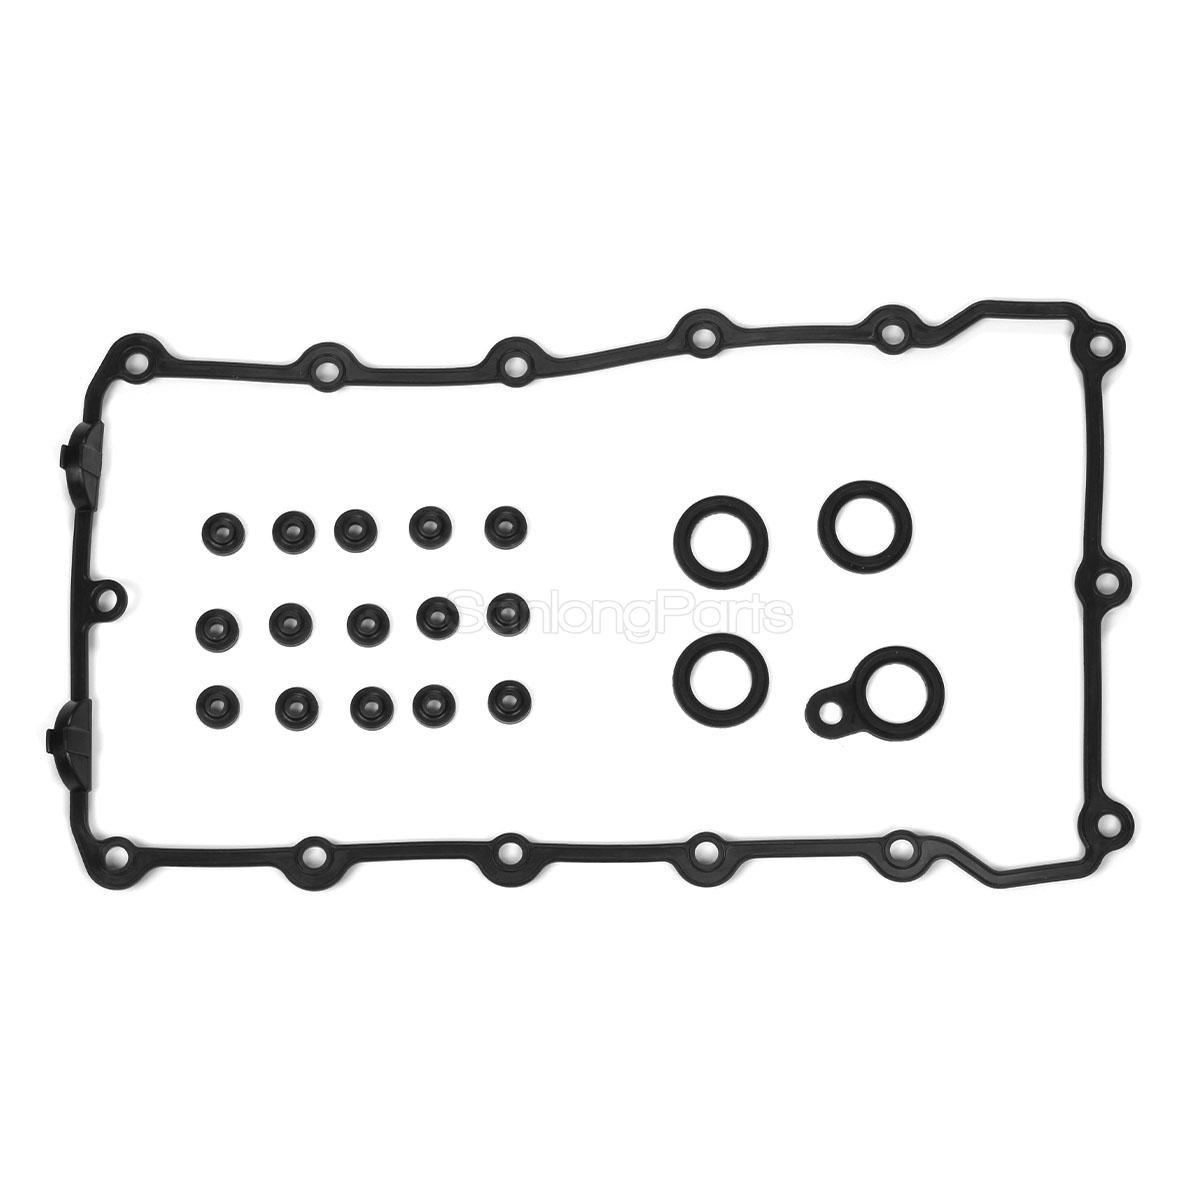 E39 1998 528i Rear Suspension Diagram. Diagram. Auto